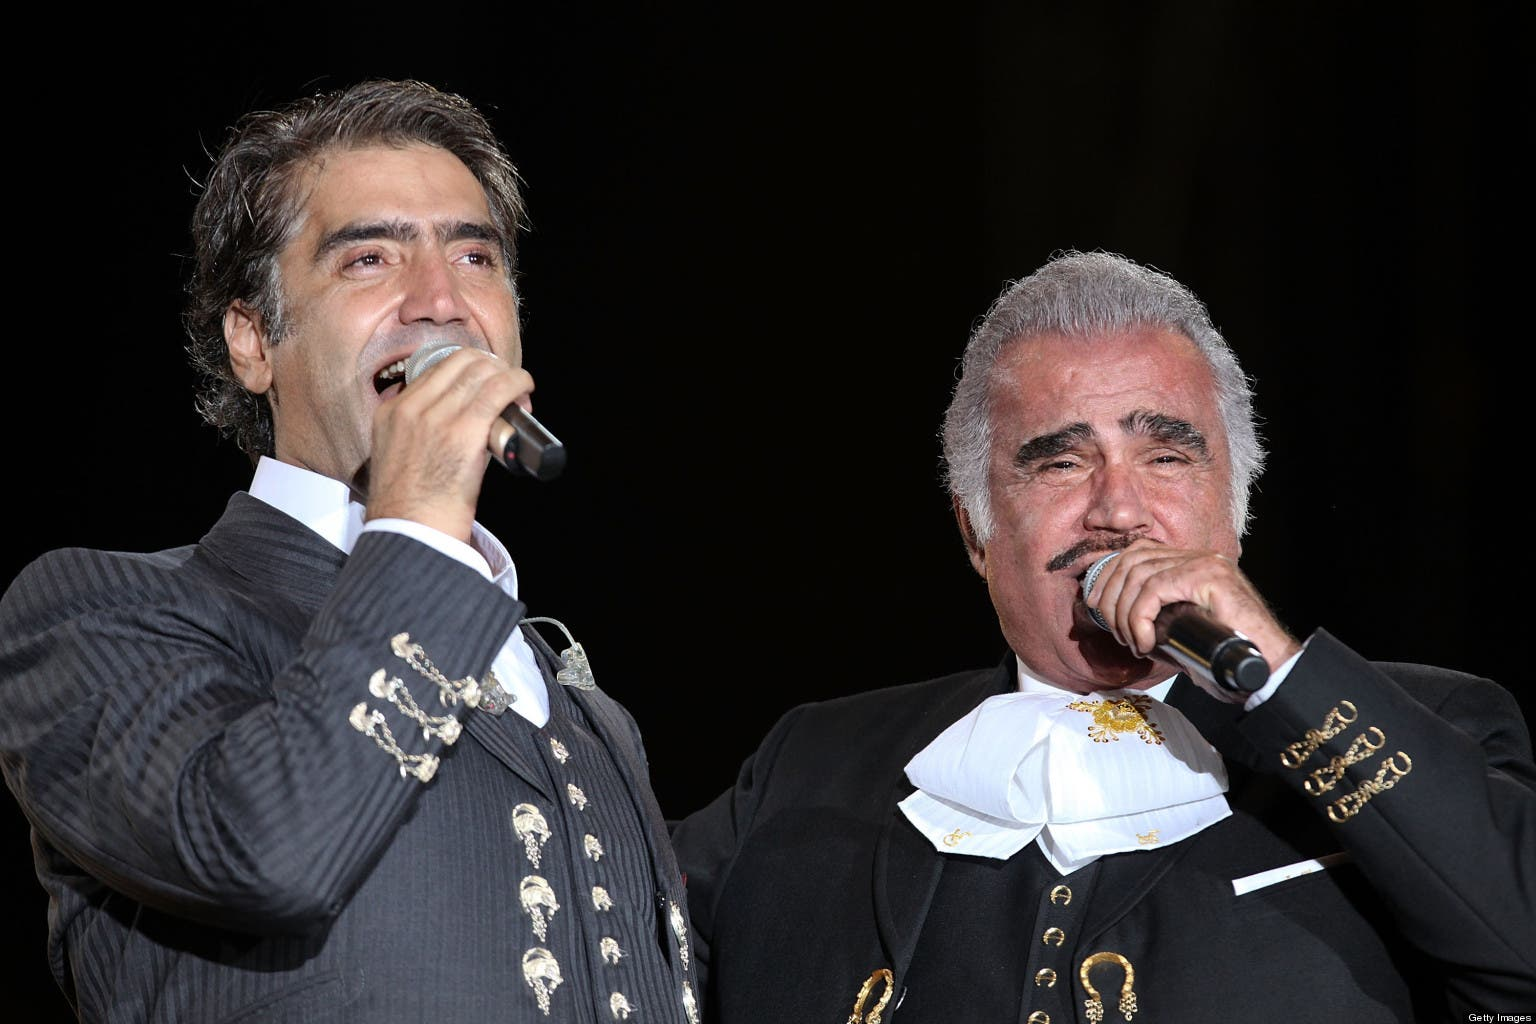 Alejandro y Vicente Fernández, dos figurones del espectáculo, aunque el hijo aún esté lejos de igualar lo logrado por su padre.